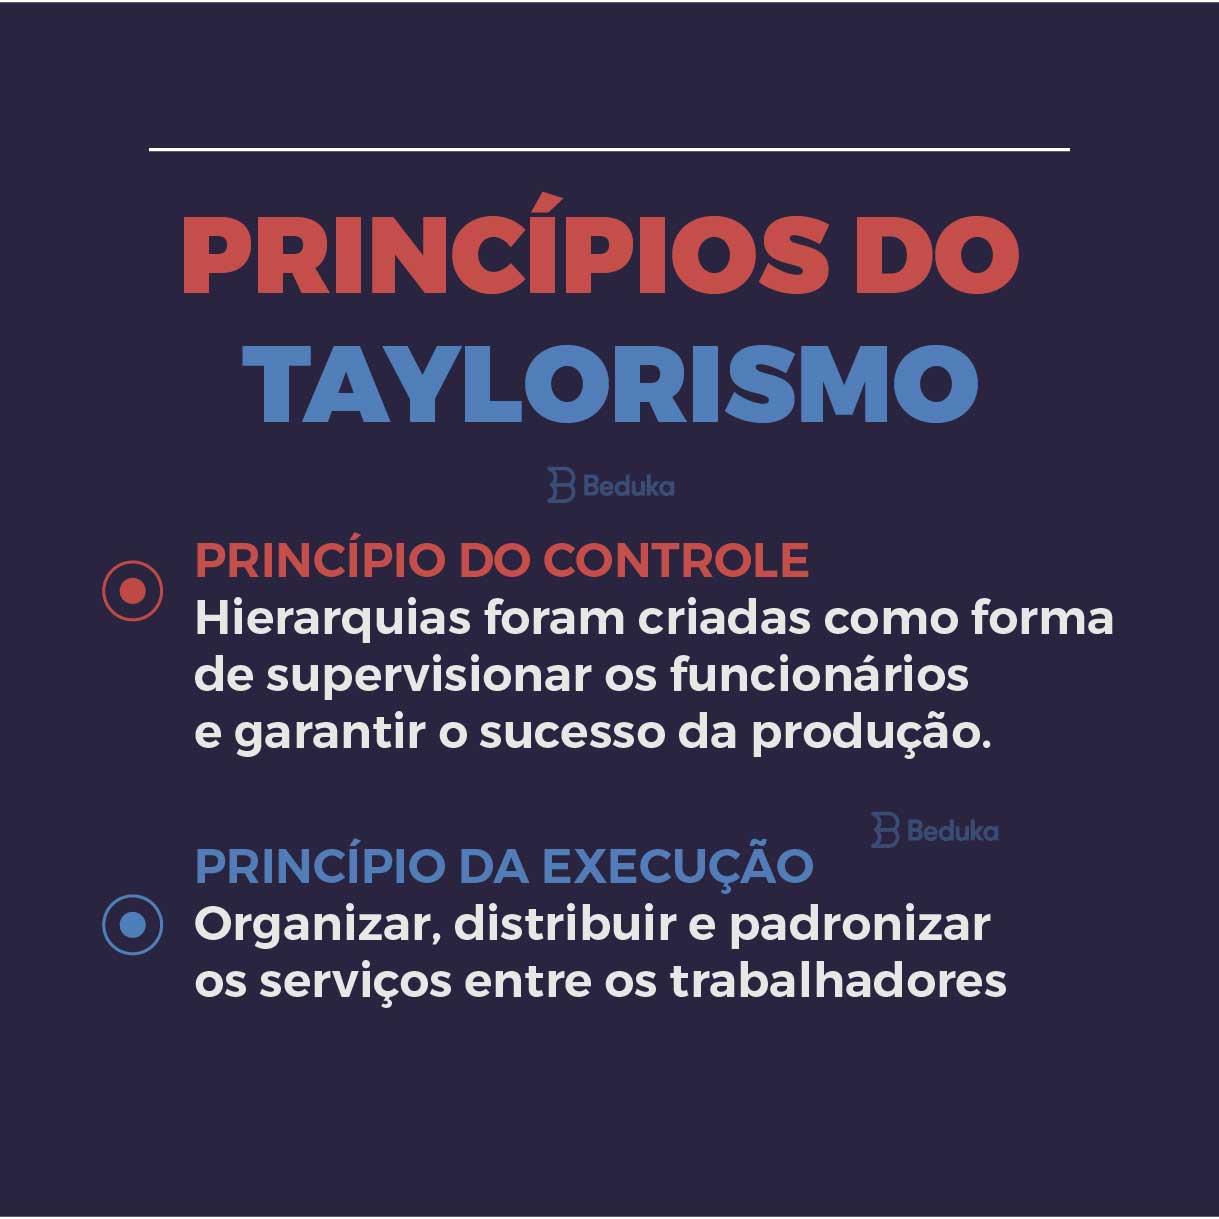 princípios do taylorismo, controle e execução